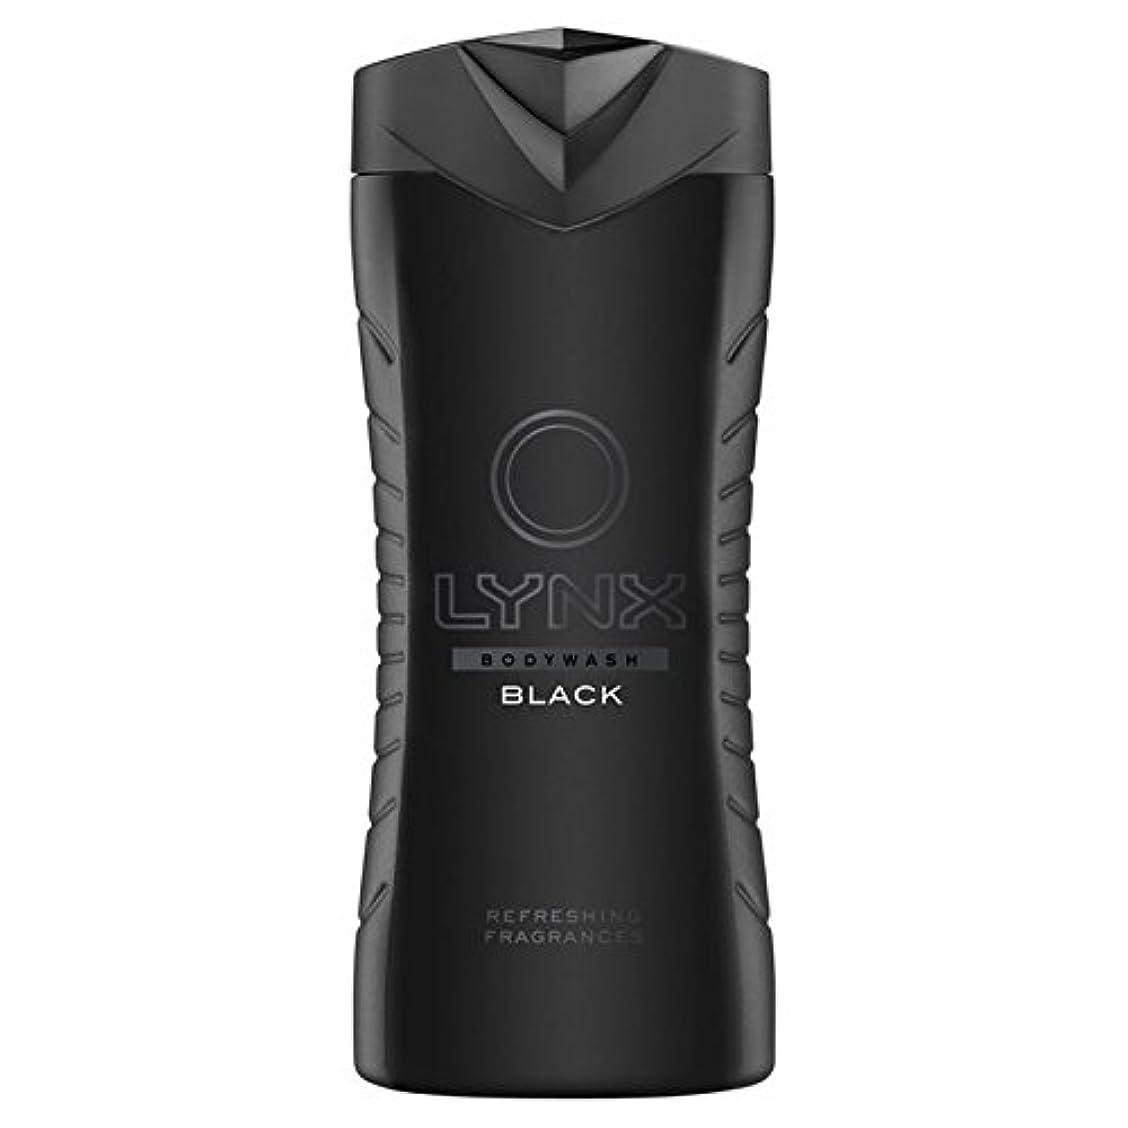 留め金キュービック貧しいLynx Black Shower Gel 400ml - オオヤマネコブラックシャワージェル400ミリリットル [並行輸入品]